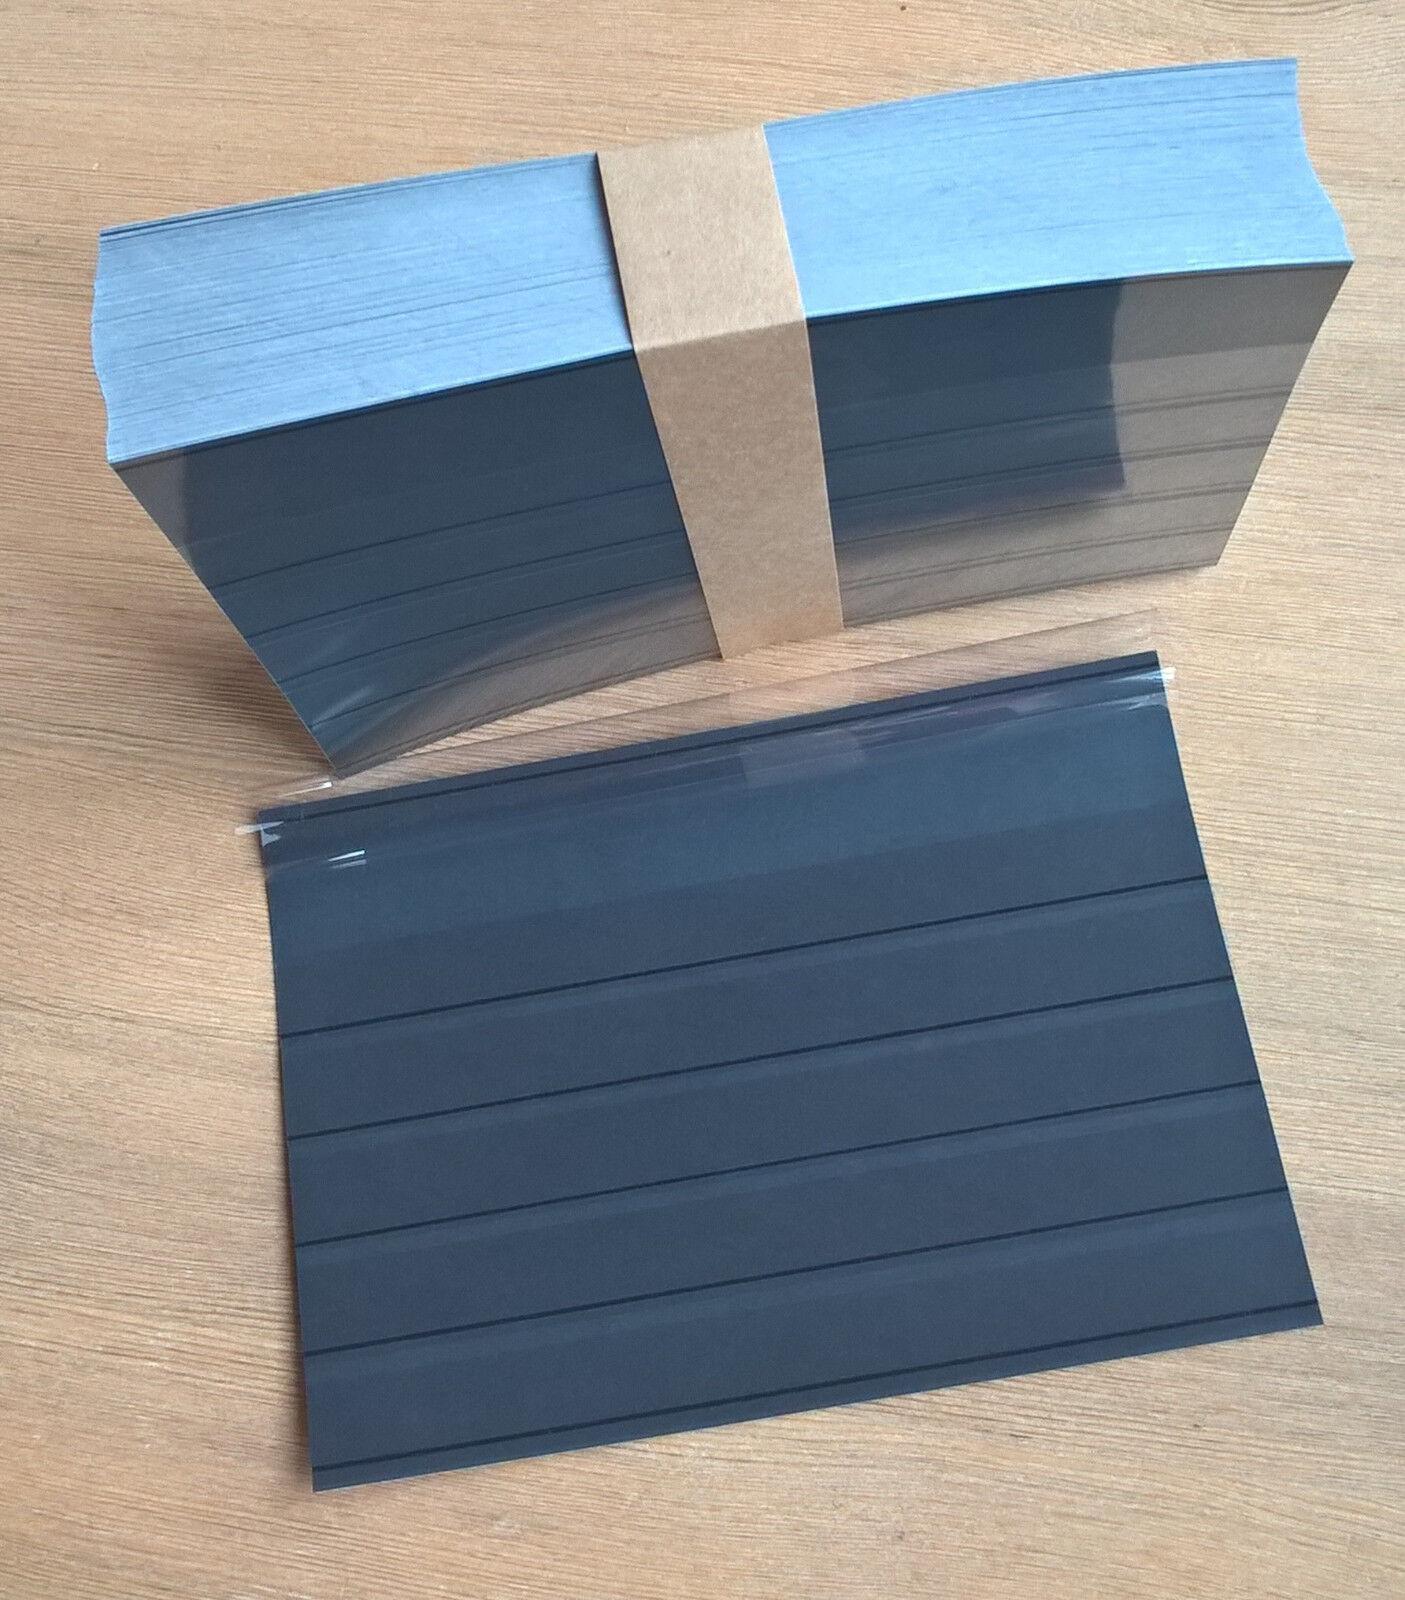 25, 50,100, 500 Einsteckkarten / Steckkarten A5 mit Deckfolie, 5 Streifen